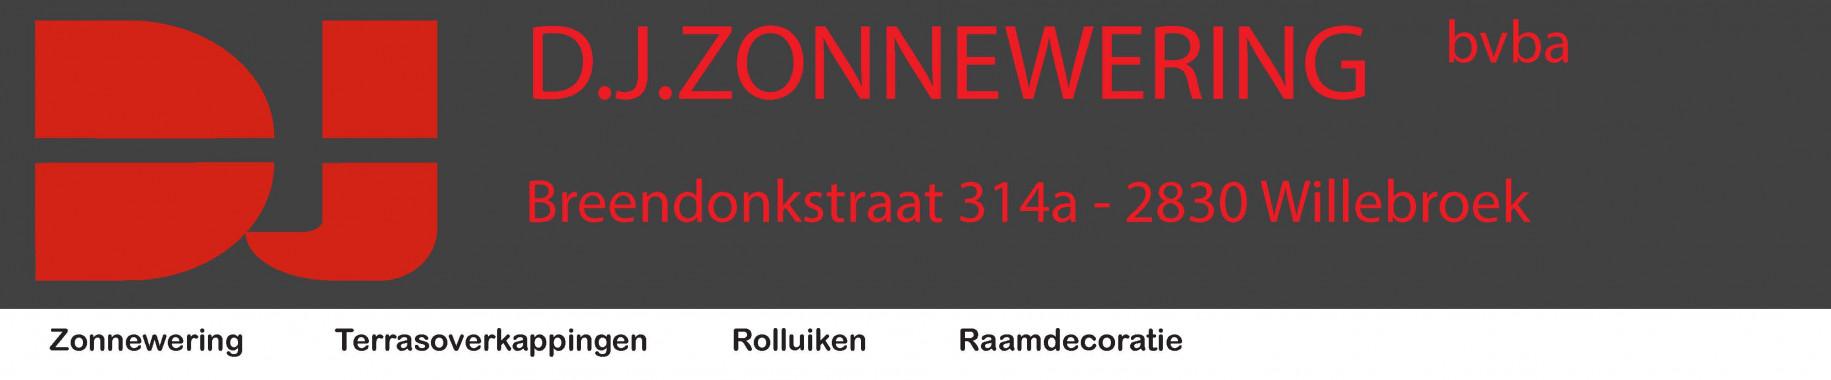 logo offerte 2021